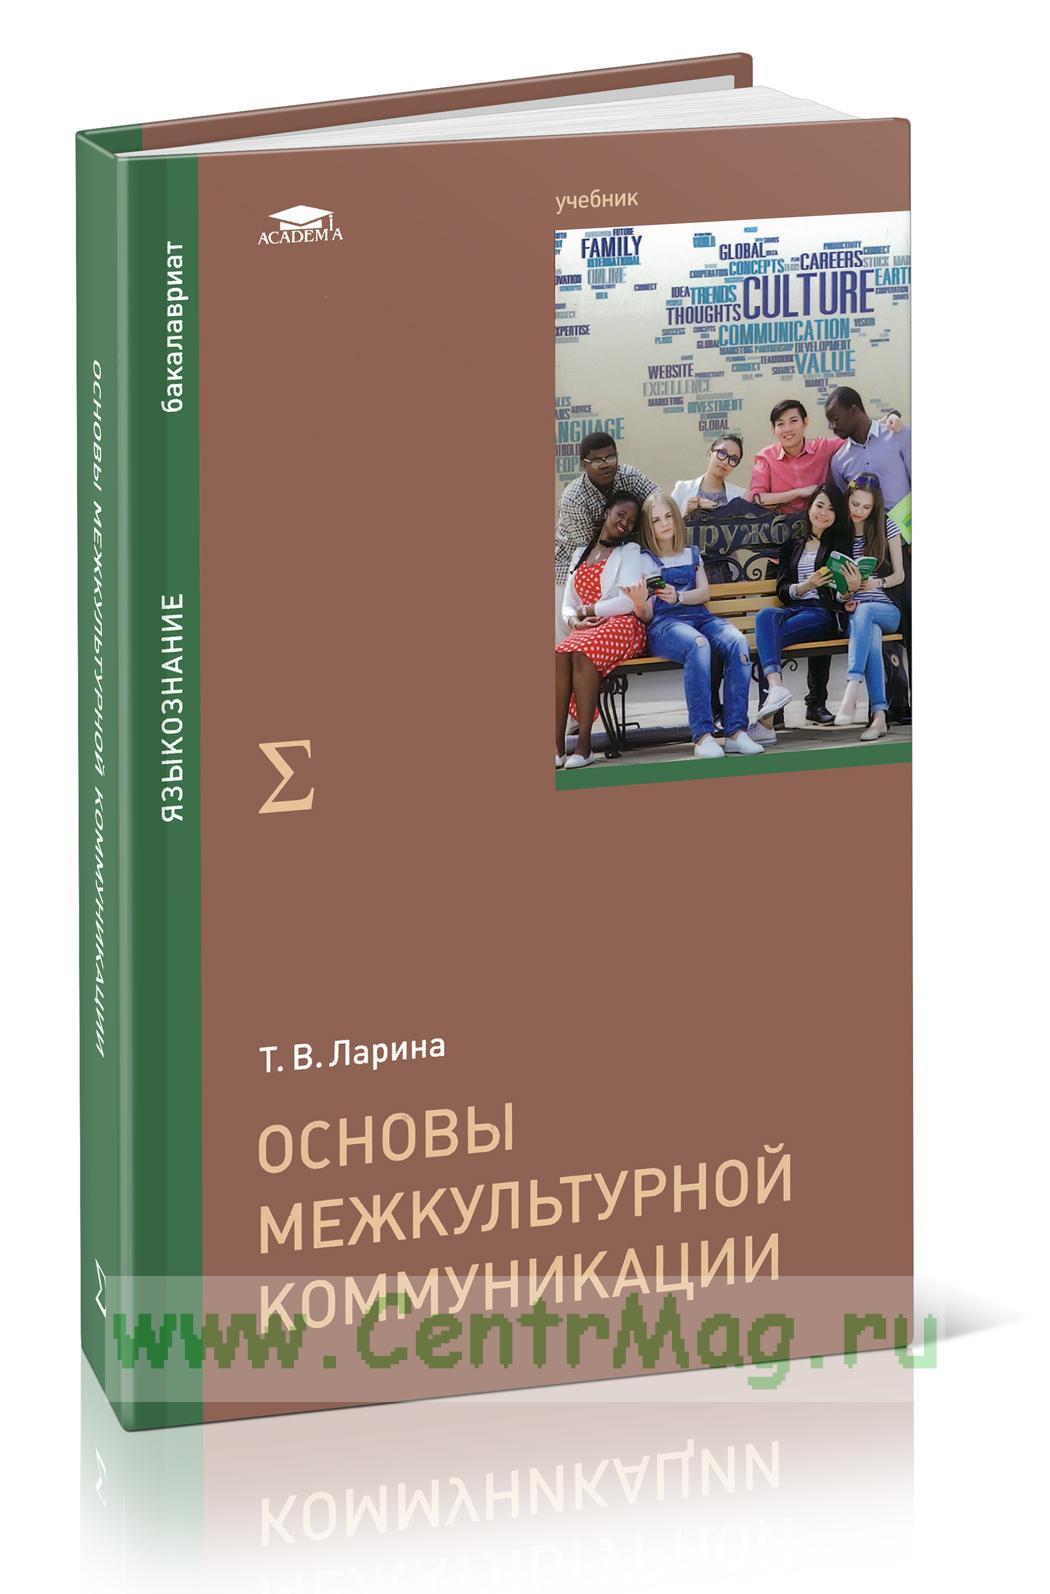 Основы межкультурной коммуникации: учебник